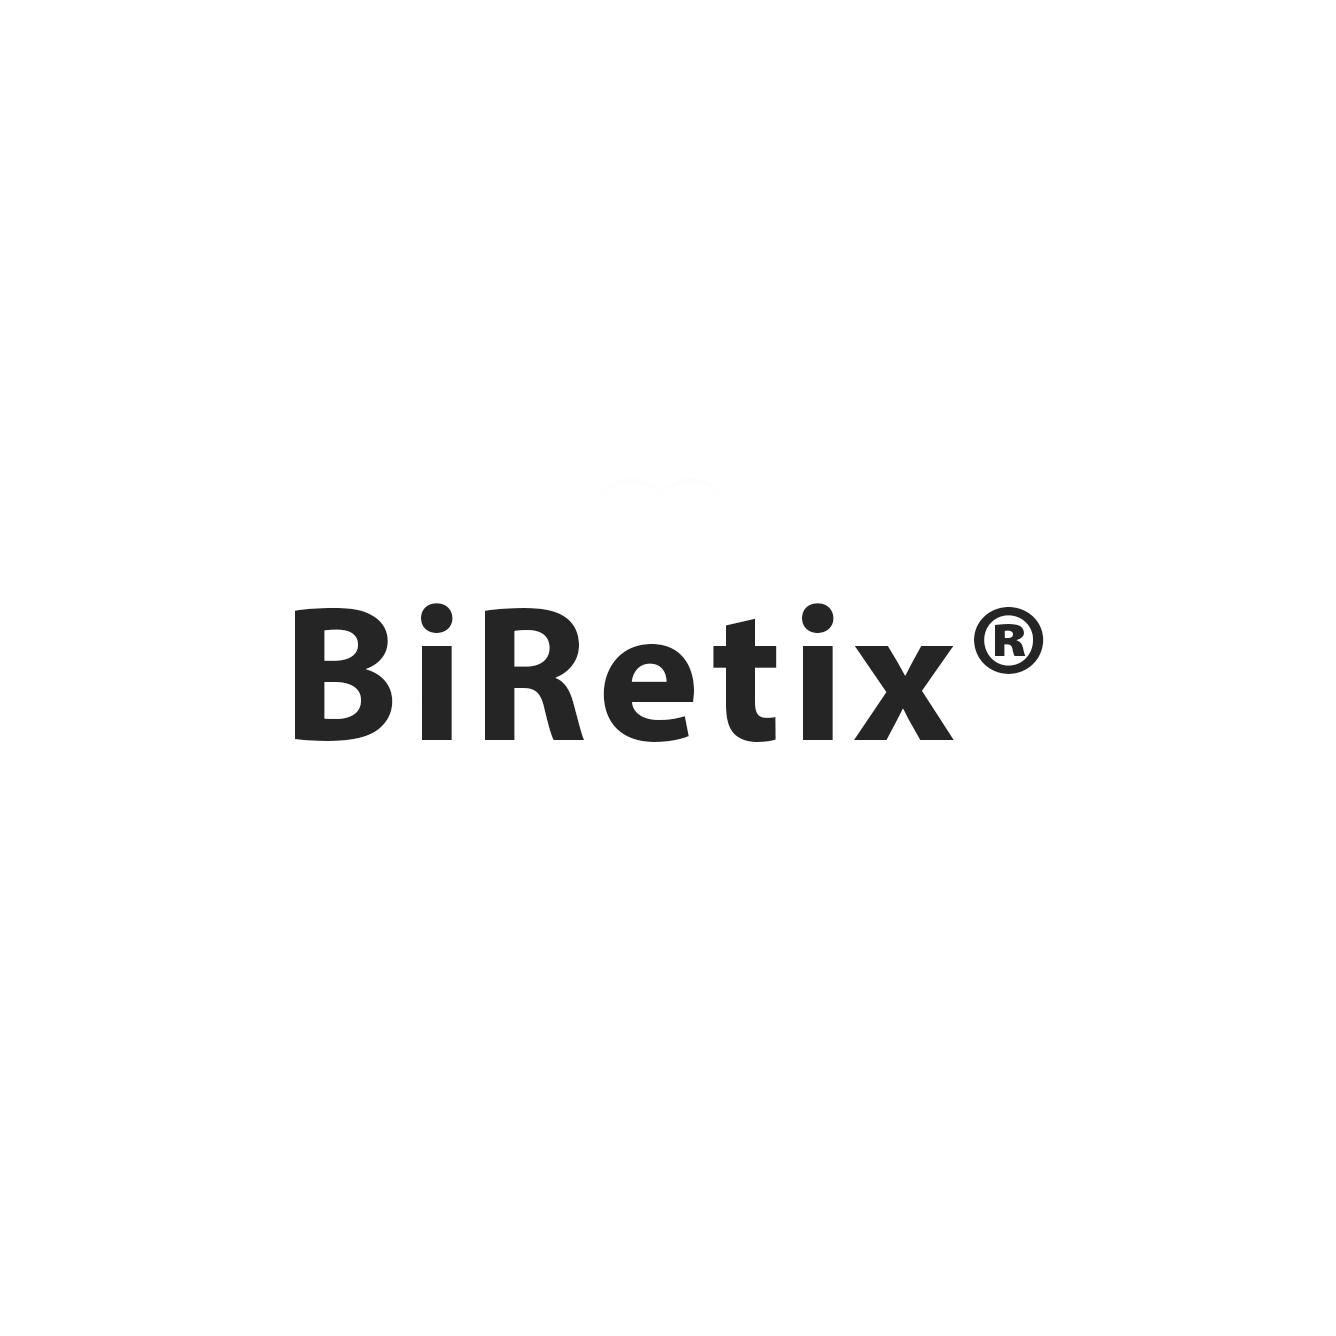 Biretix logo written in black